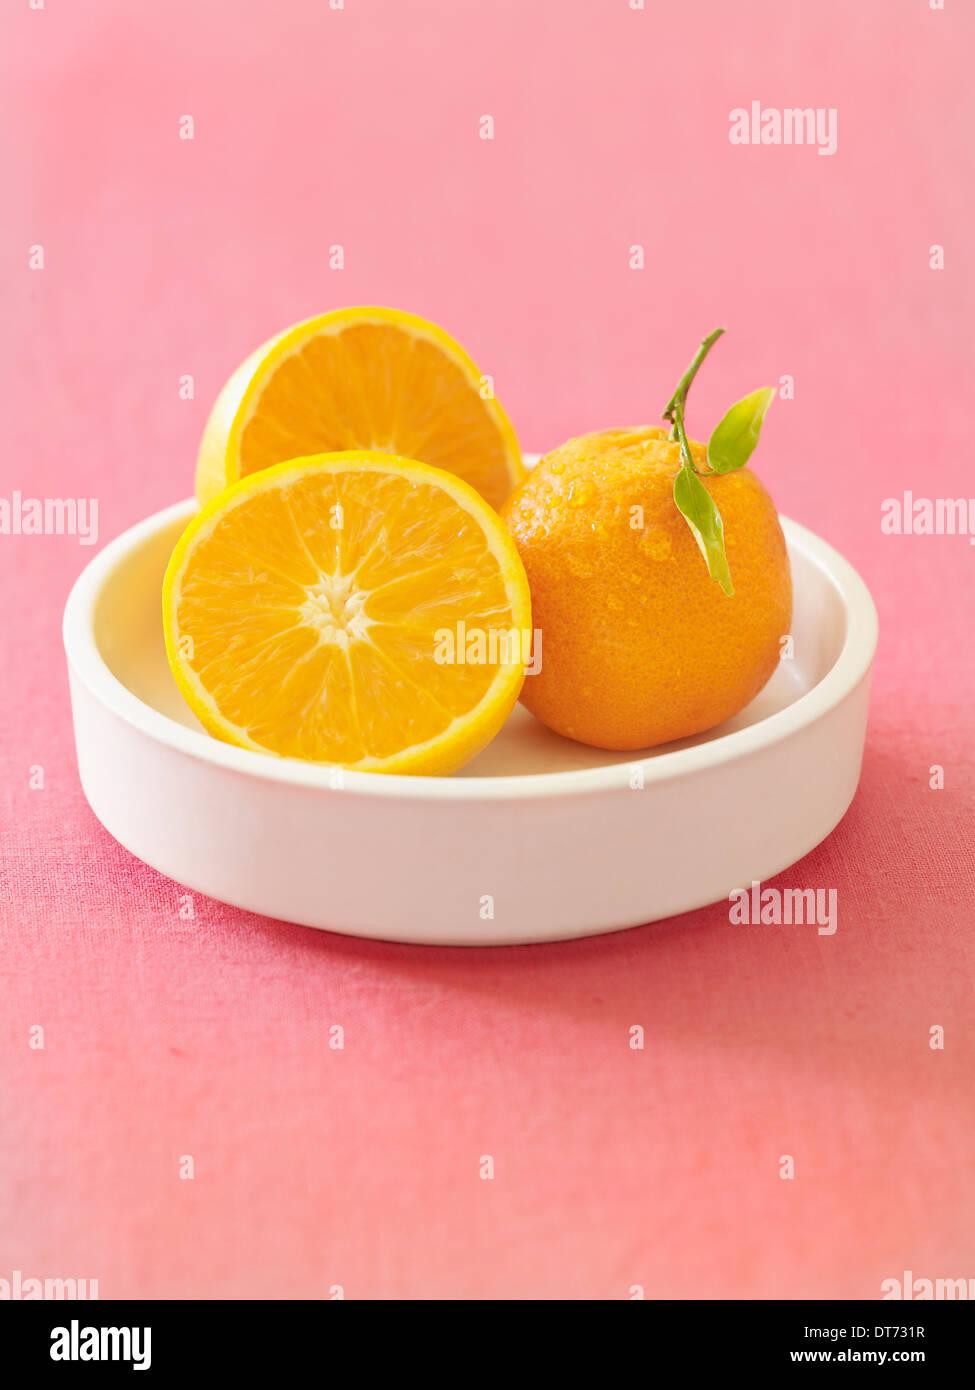 Eine weiße Schüssel mit Orangen ganze und geschnittene auf rosa Stoff Hintergrund. Stockbild